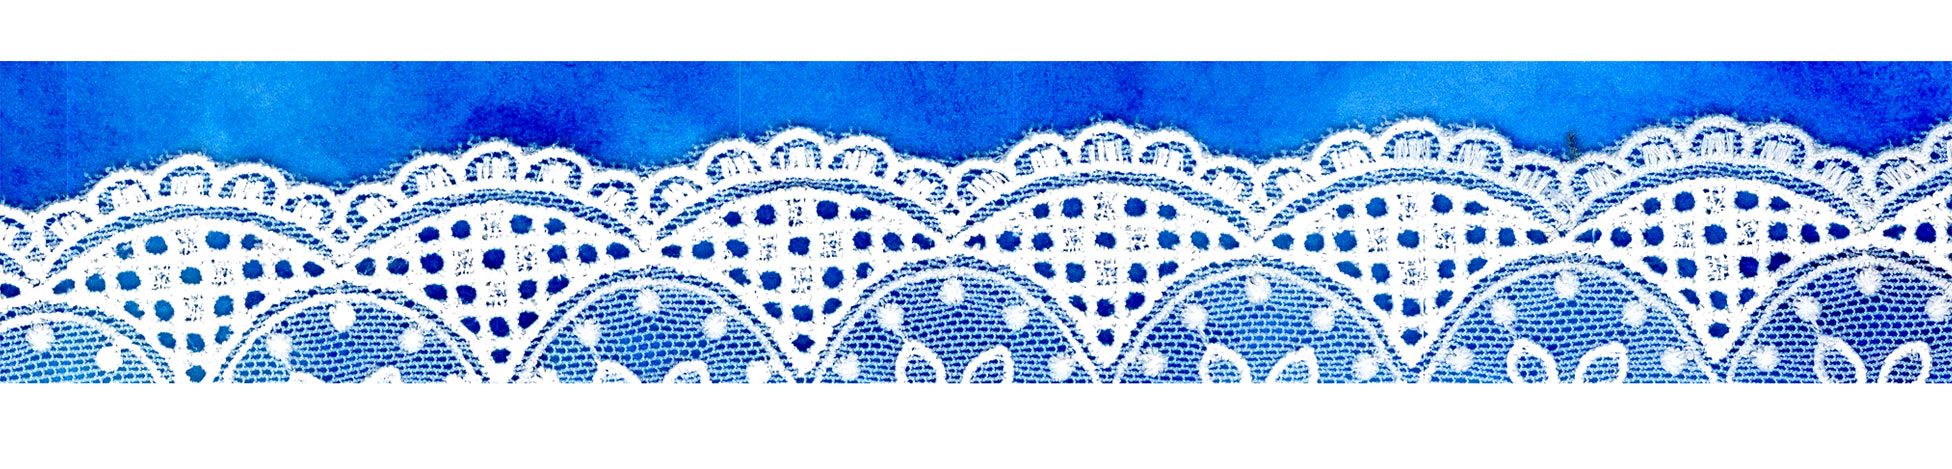 Wedding-Lace-border